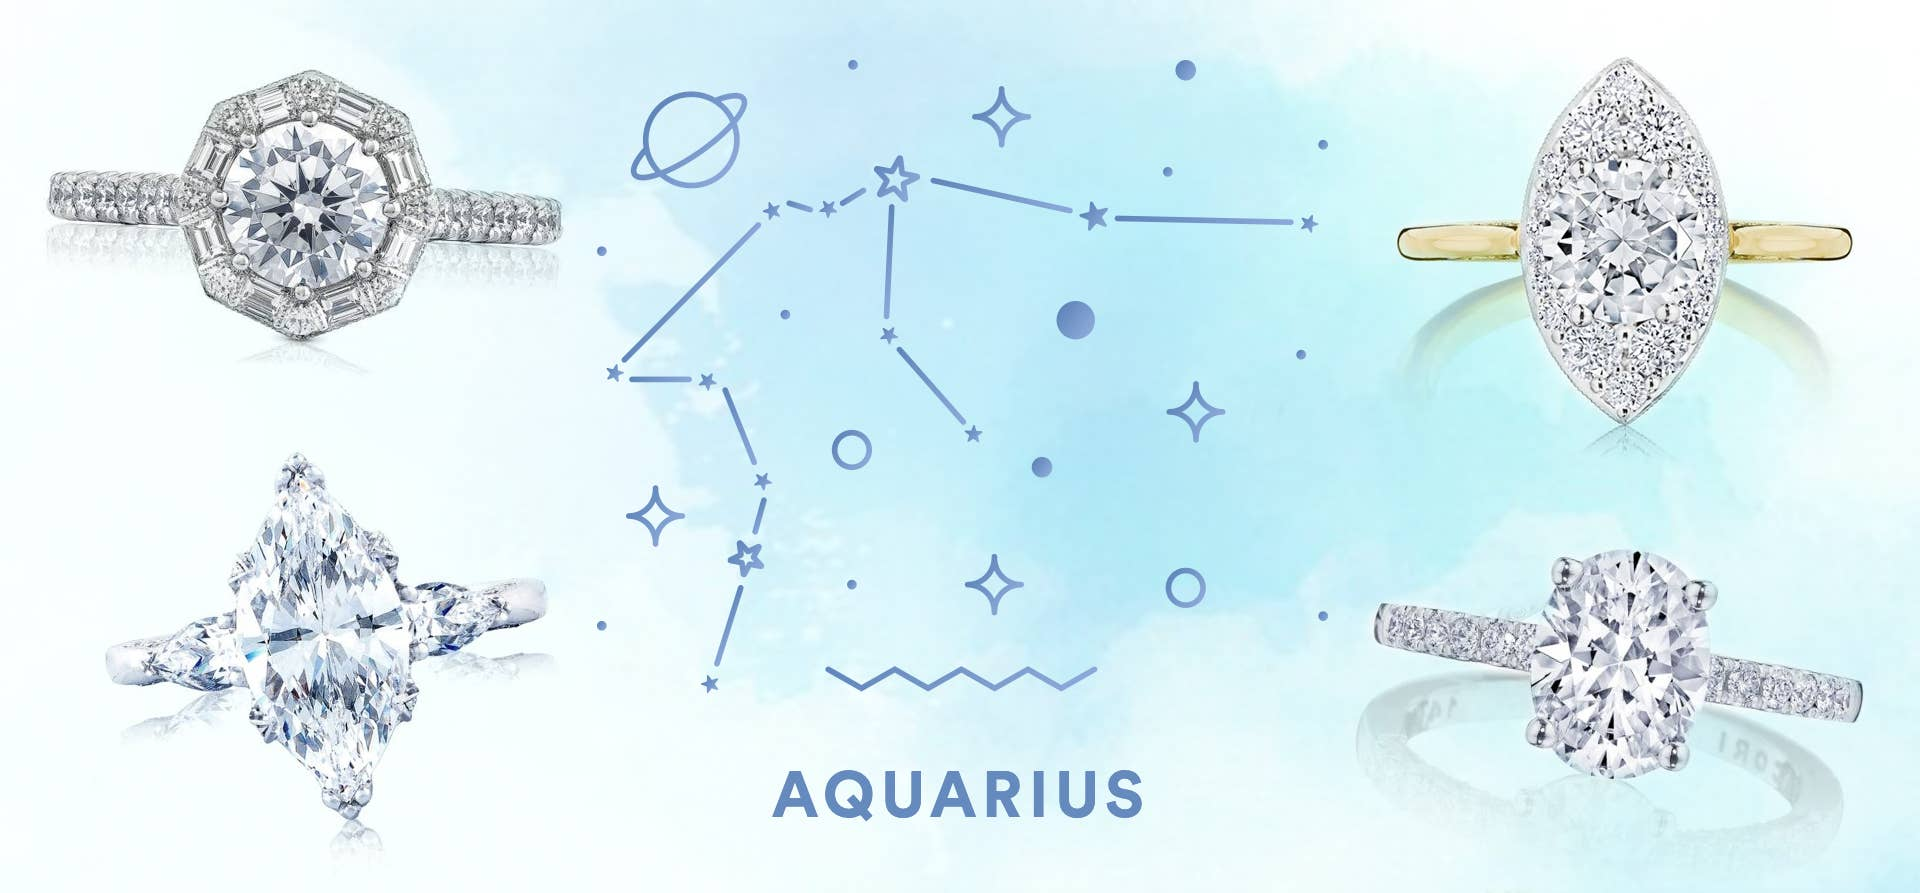 Aquarius graphic featuring 4 different Tacori engagement rings